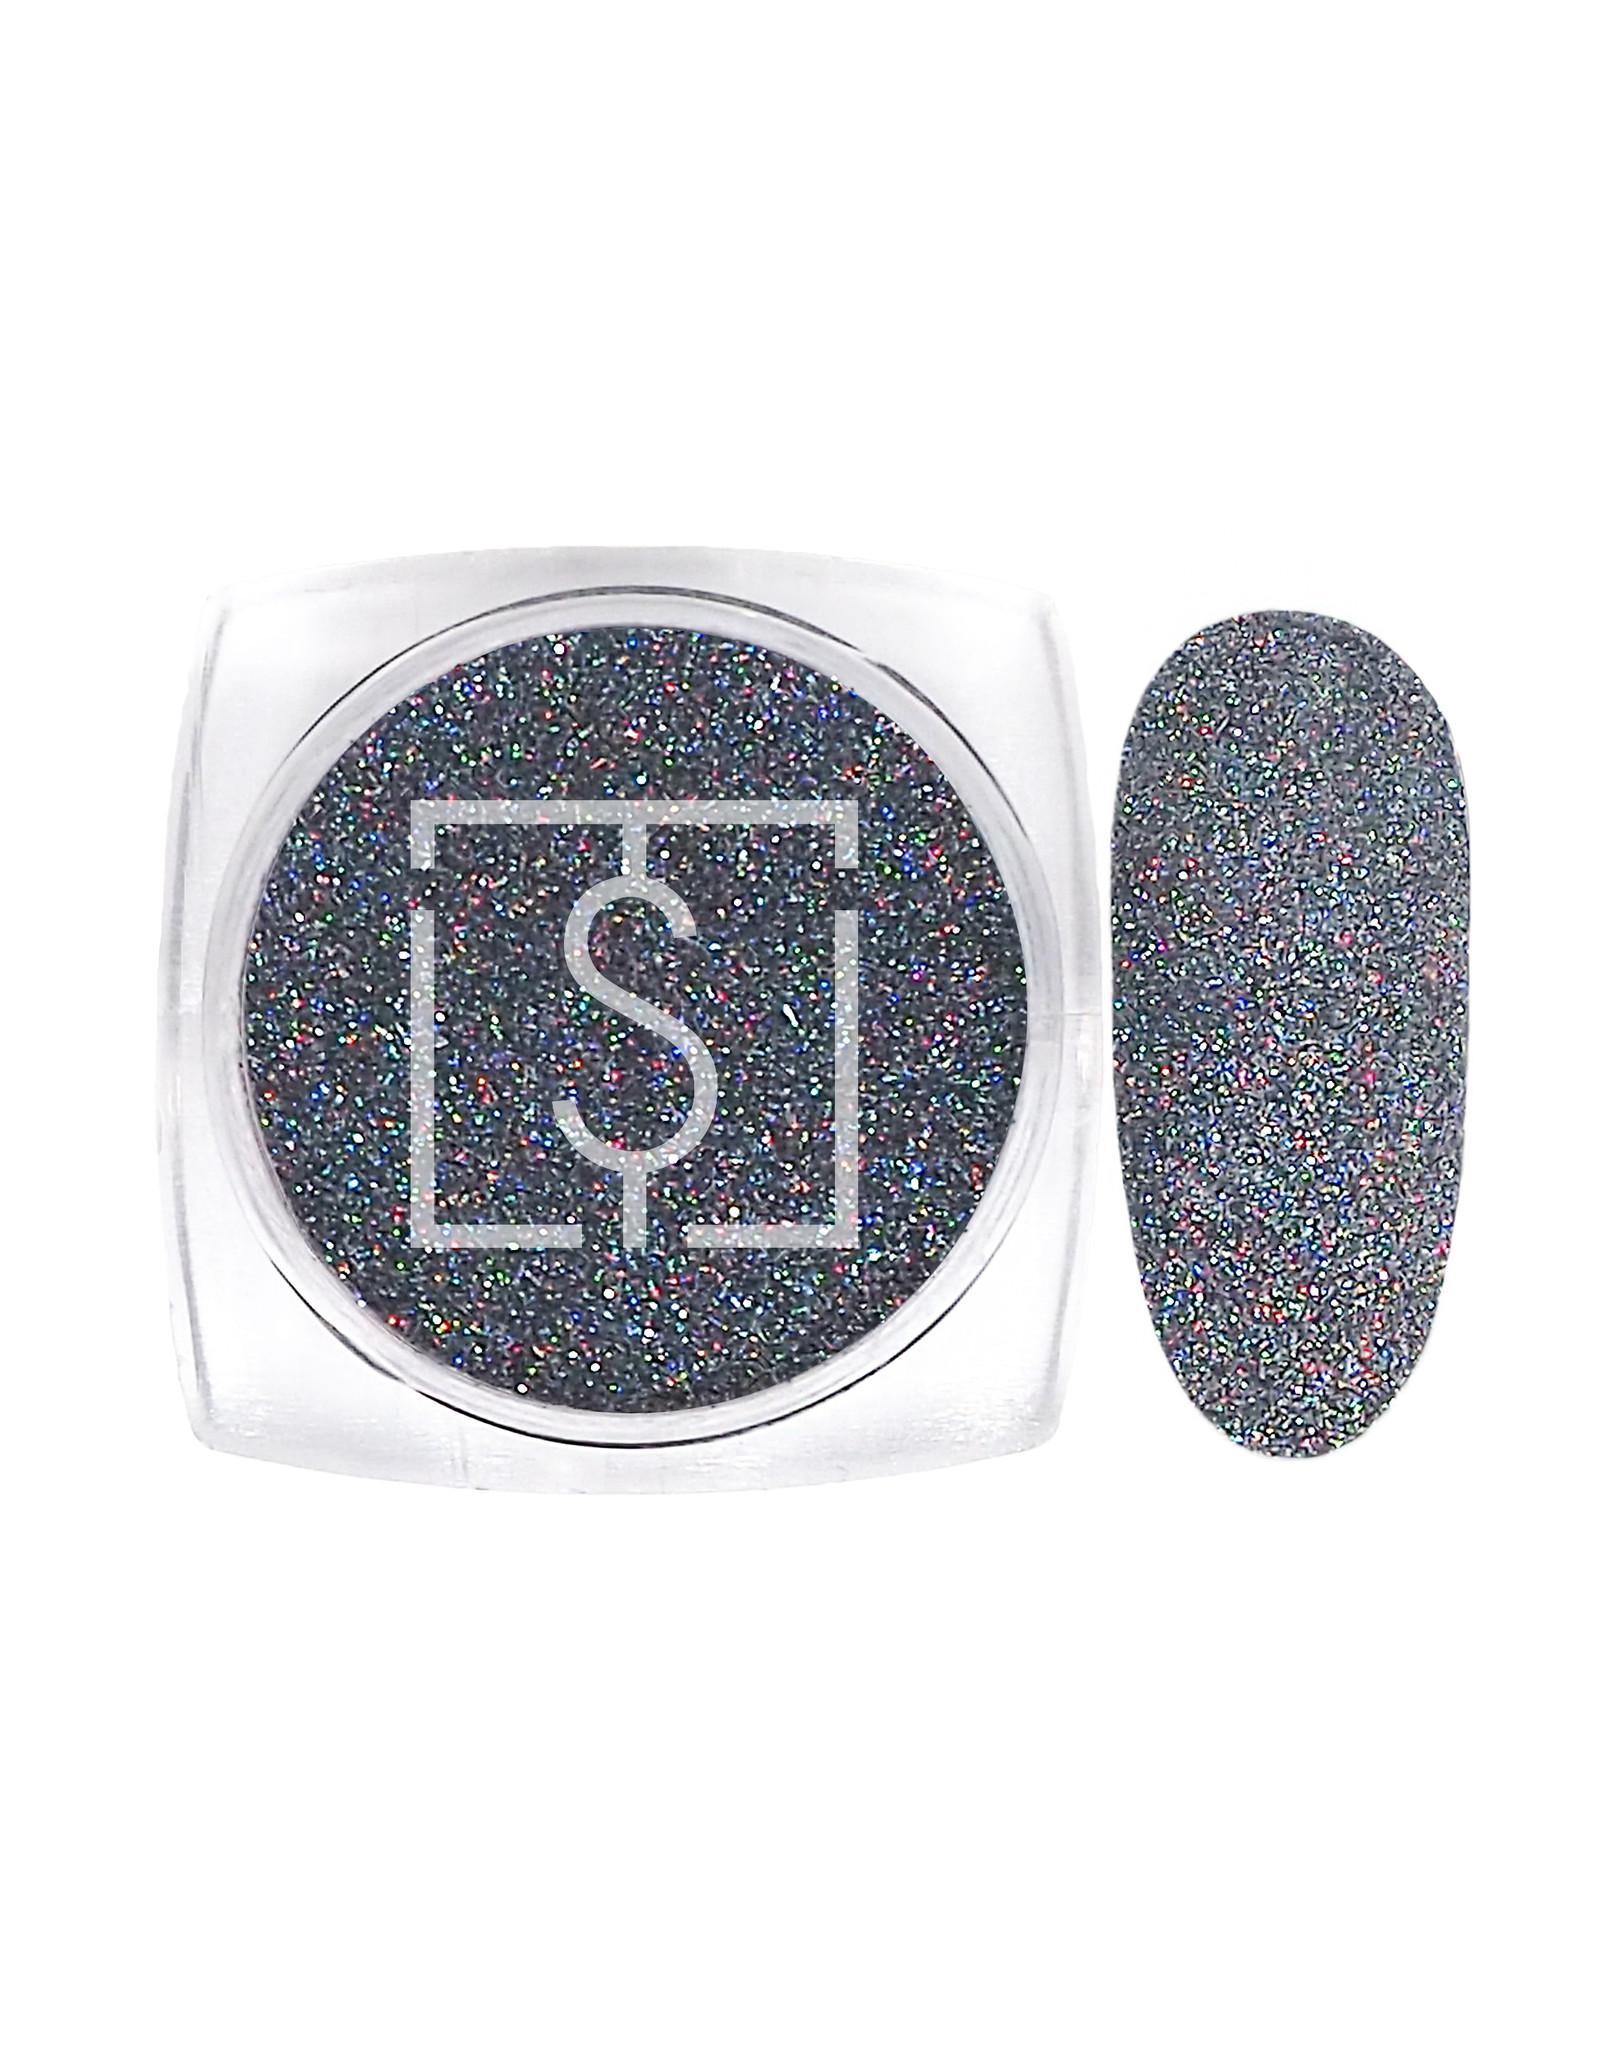 TS Products TS glitter 155